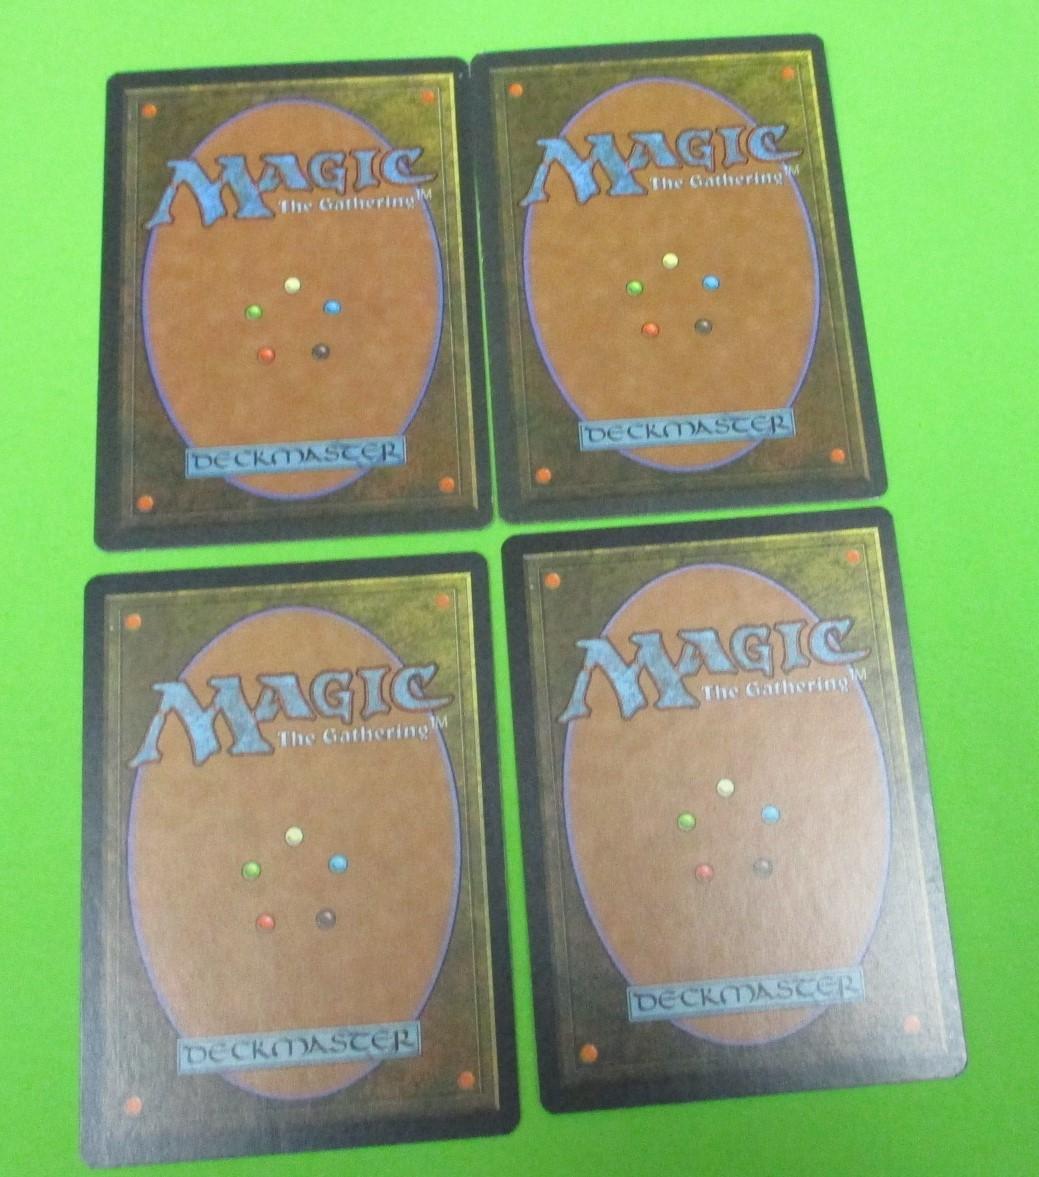 激レア!MTG  4版 5版 4枚セット ティタニアの歌 英語版3枚 日本語1枚【未使用】マジックザギャザリング_画像2